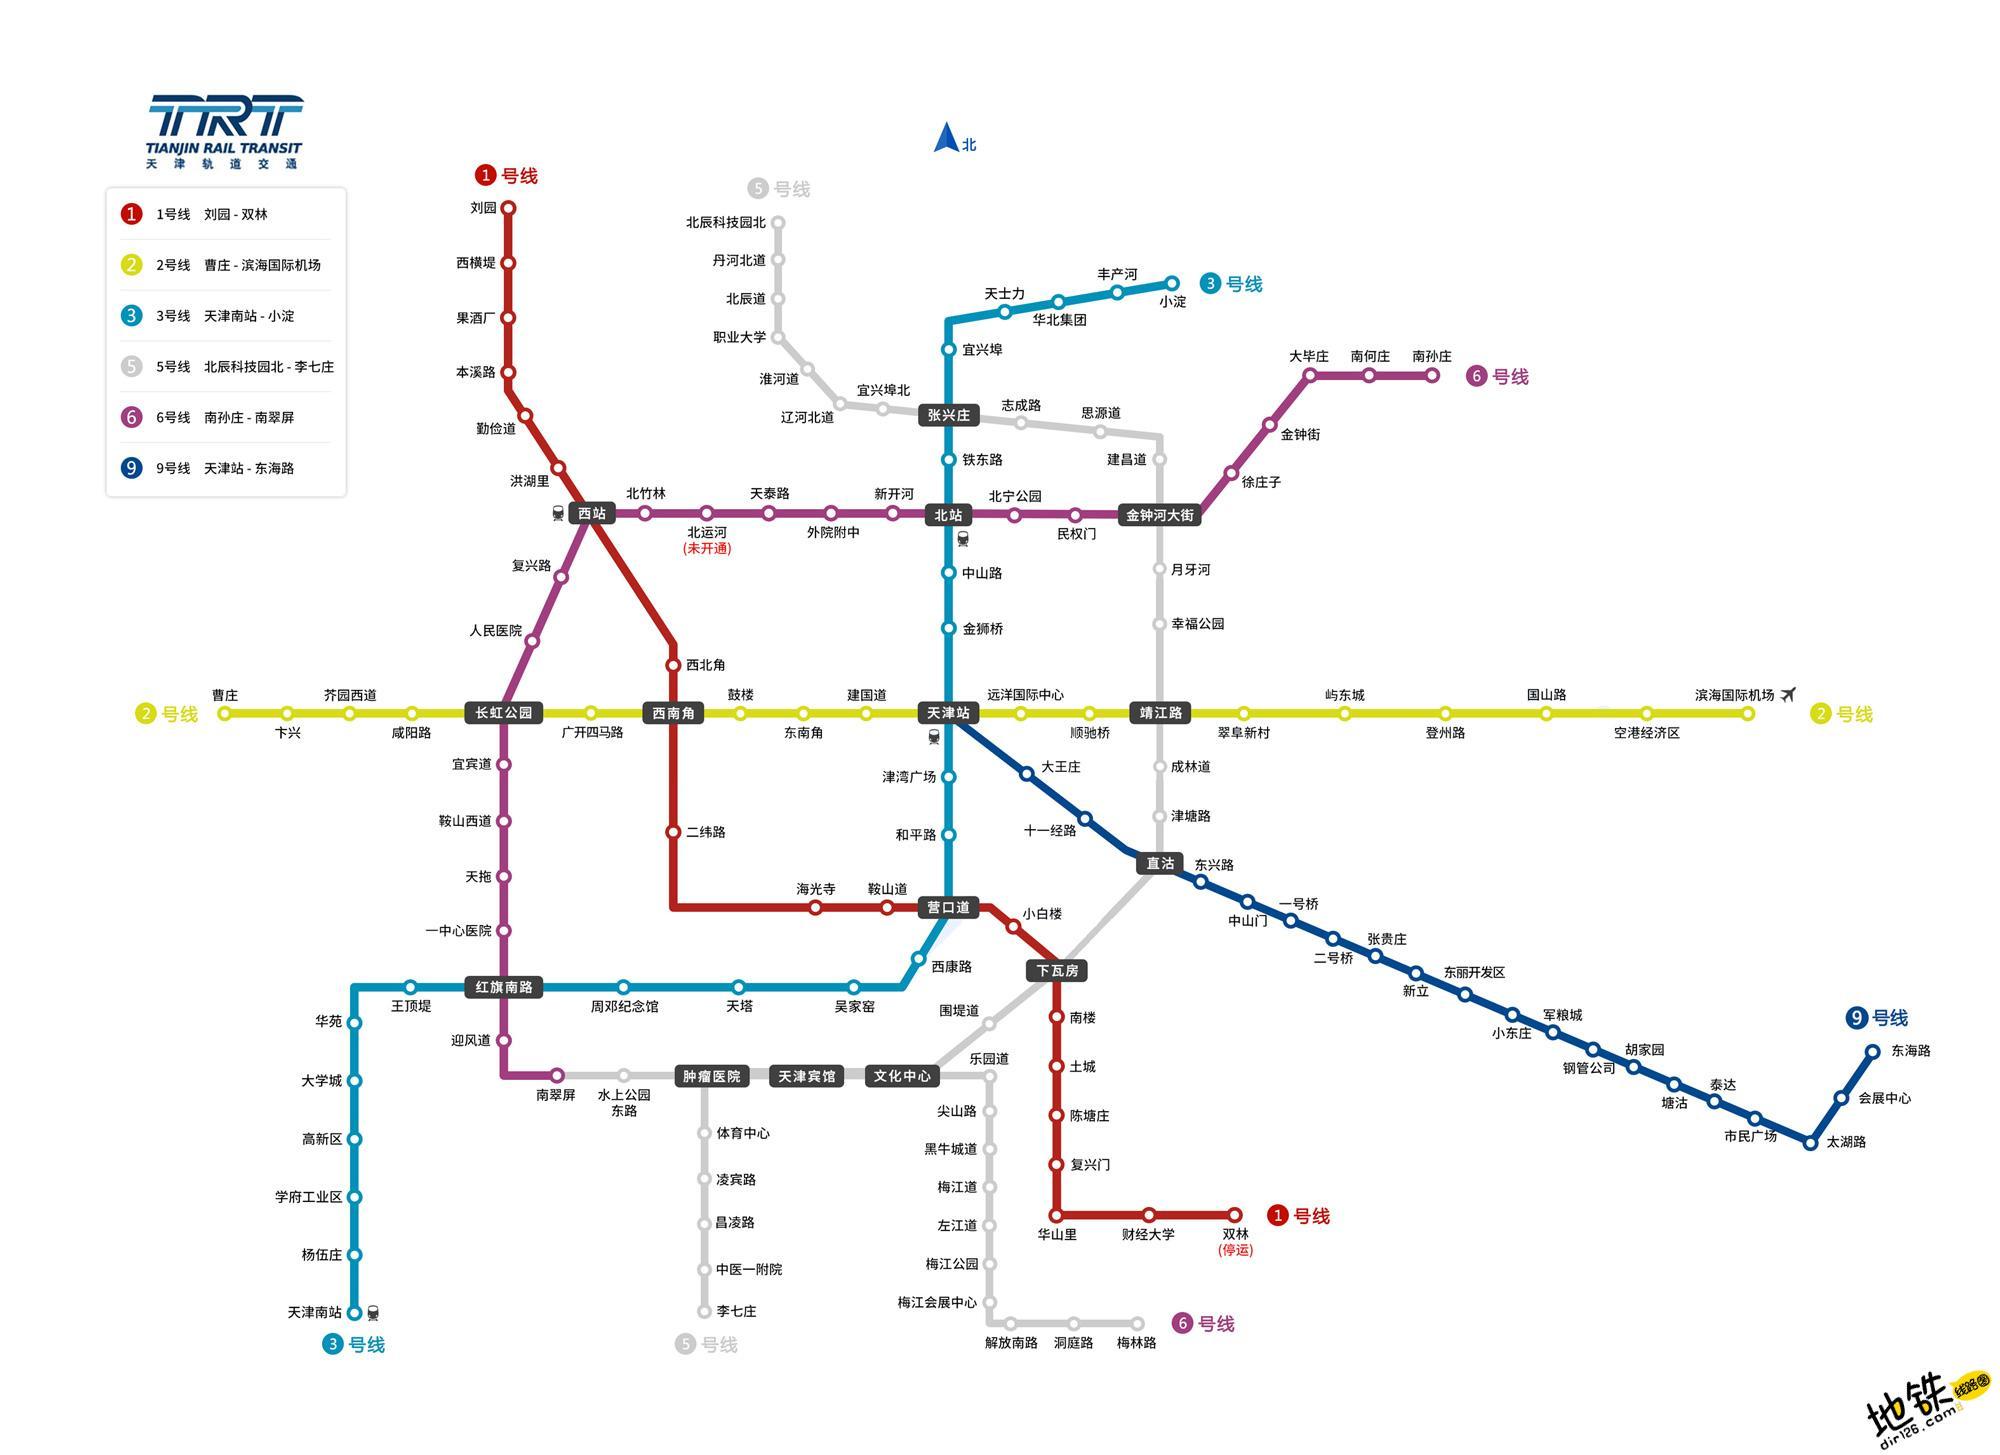 天津地铁线路图_运营时间票价站点_查询下载 天津地铁线路图 第1张